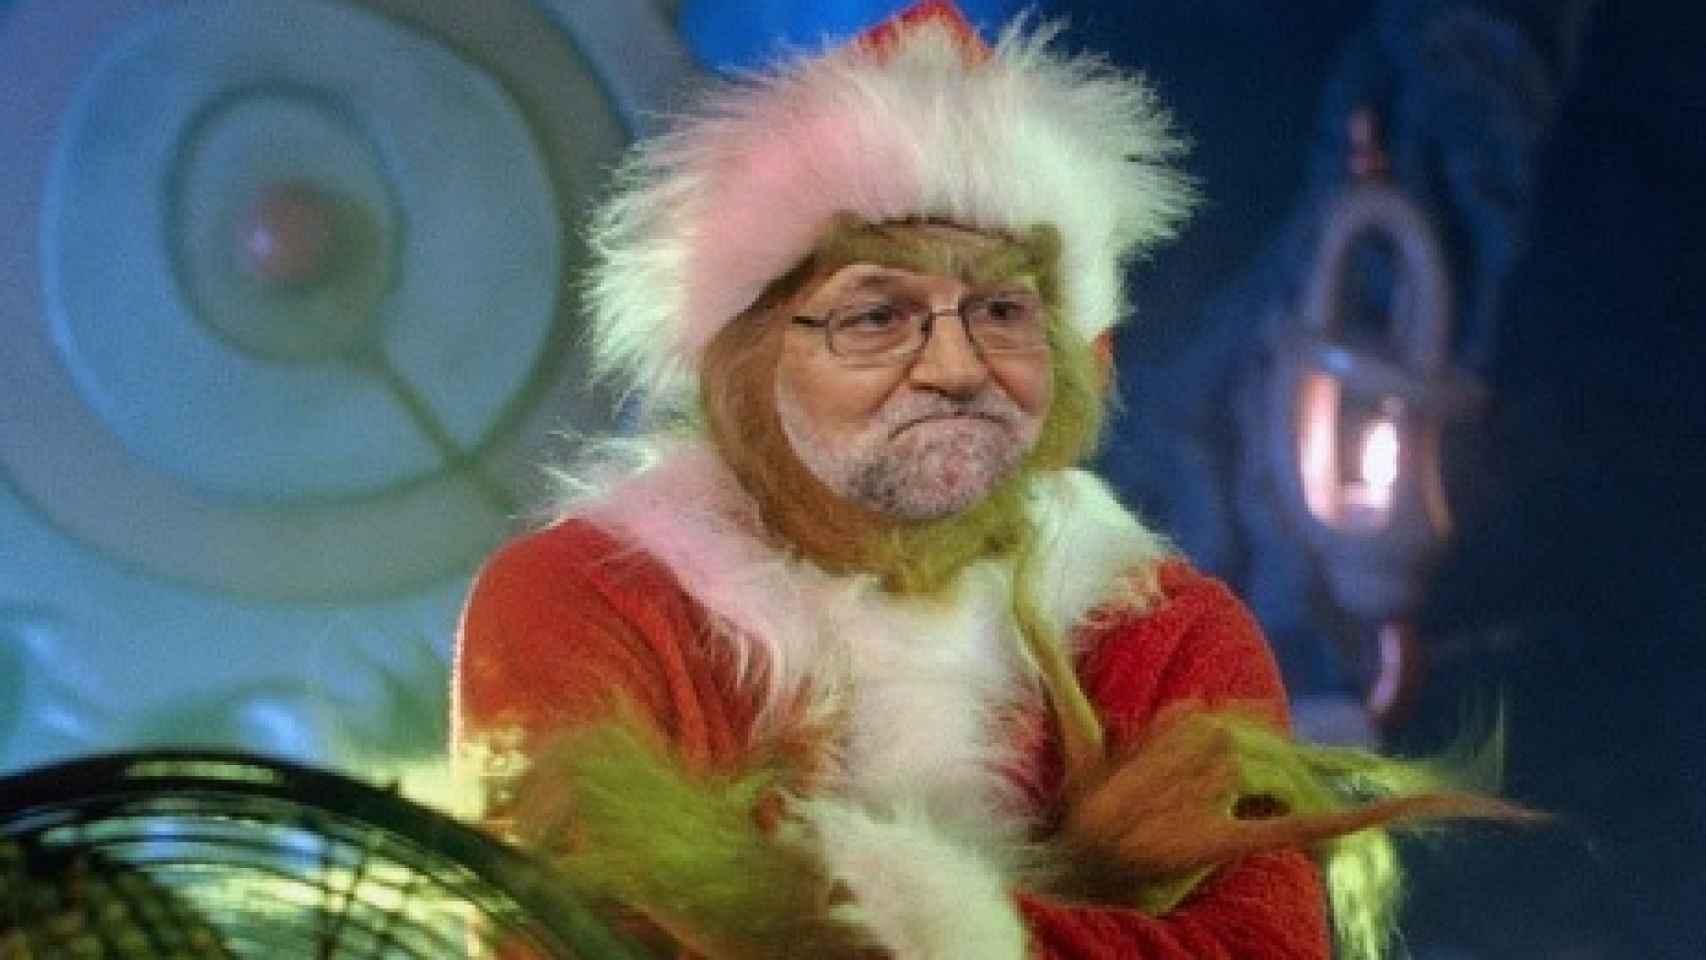 Rajoy caracterizado de Papá Noel.